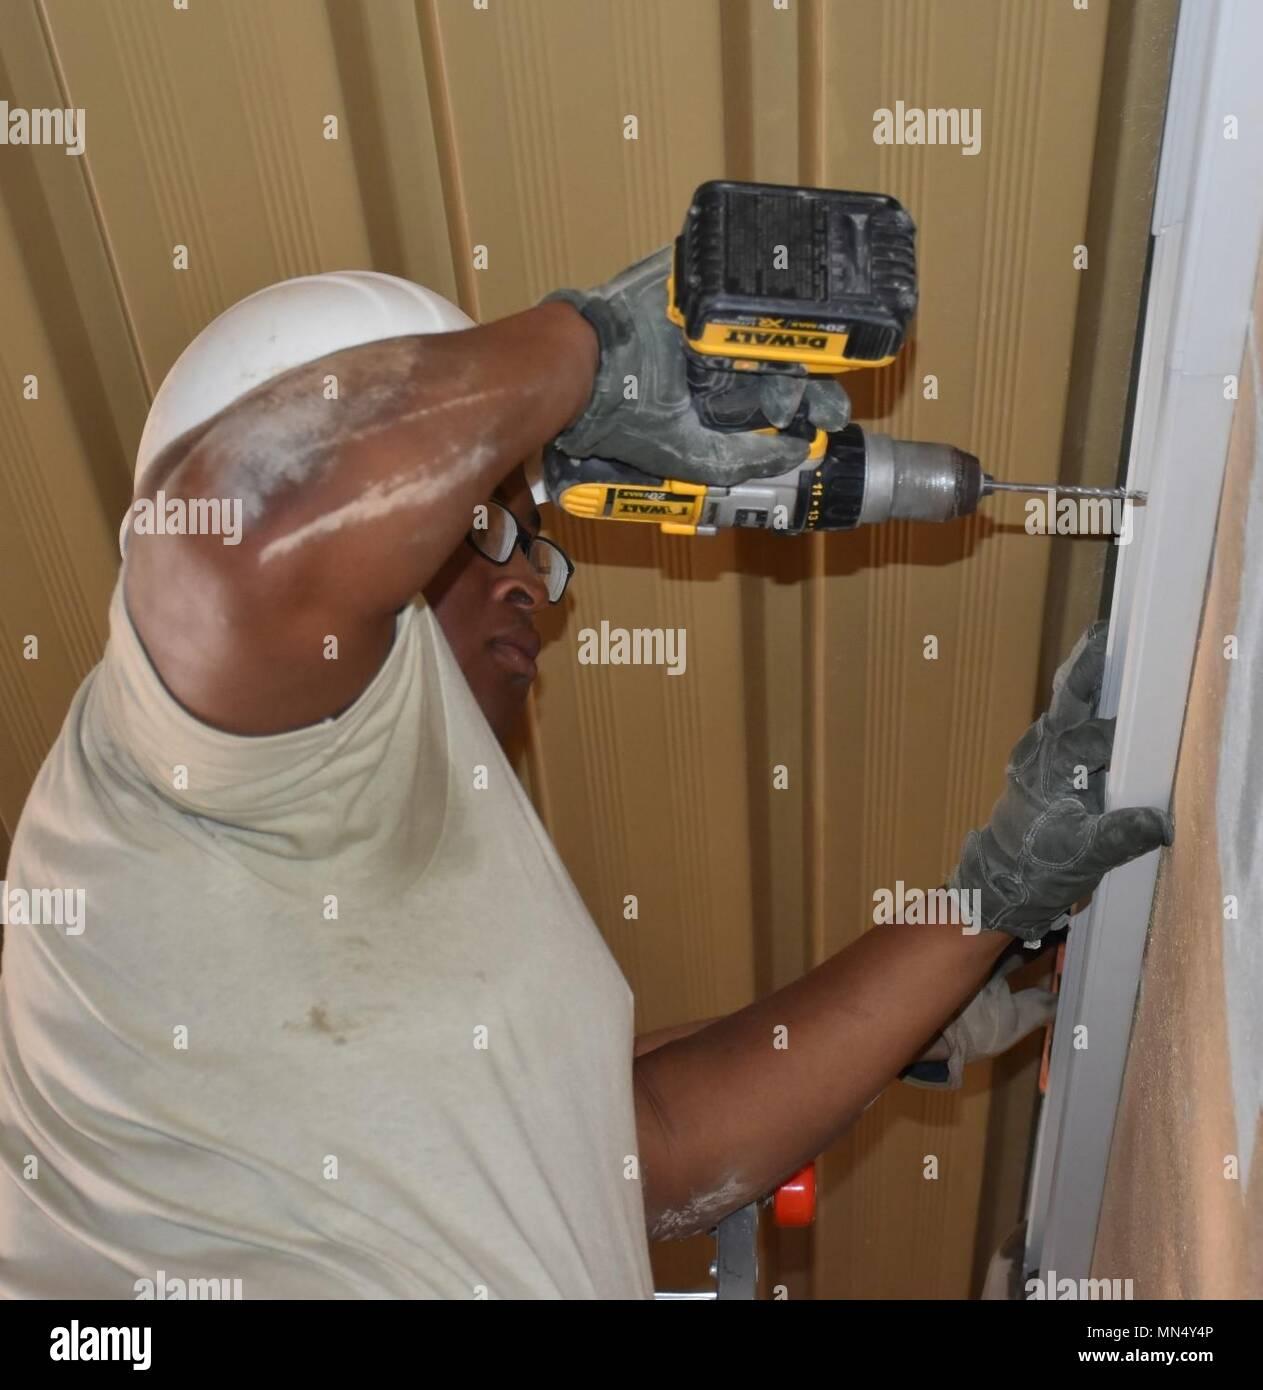 Tolle Elektrische Verkabelung In Gebäuden Bilder - Elektrische ...